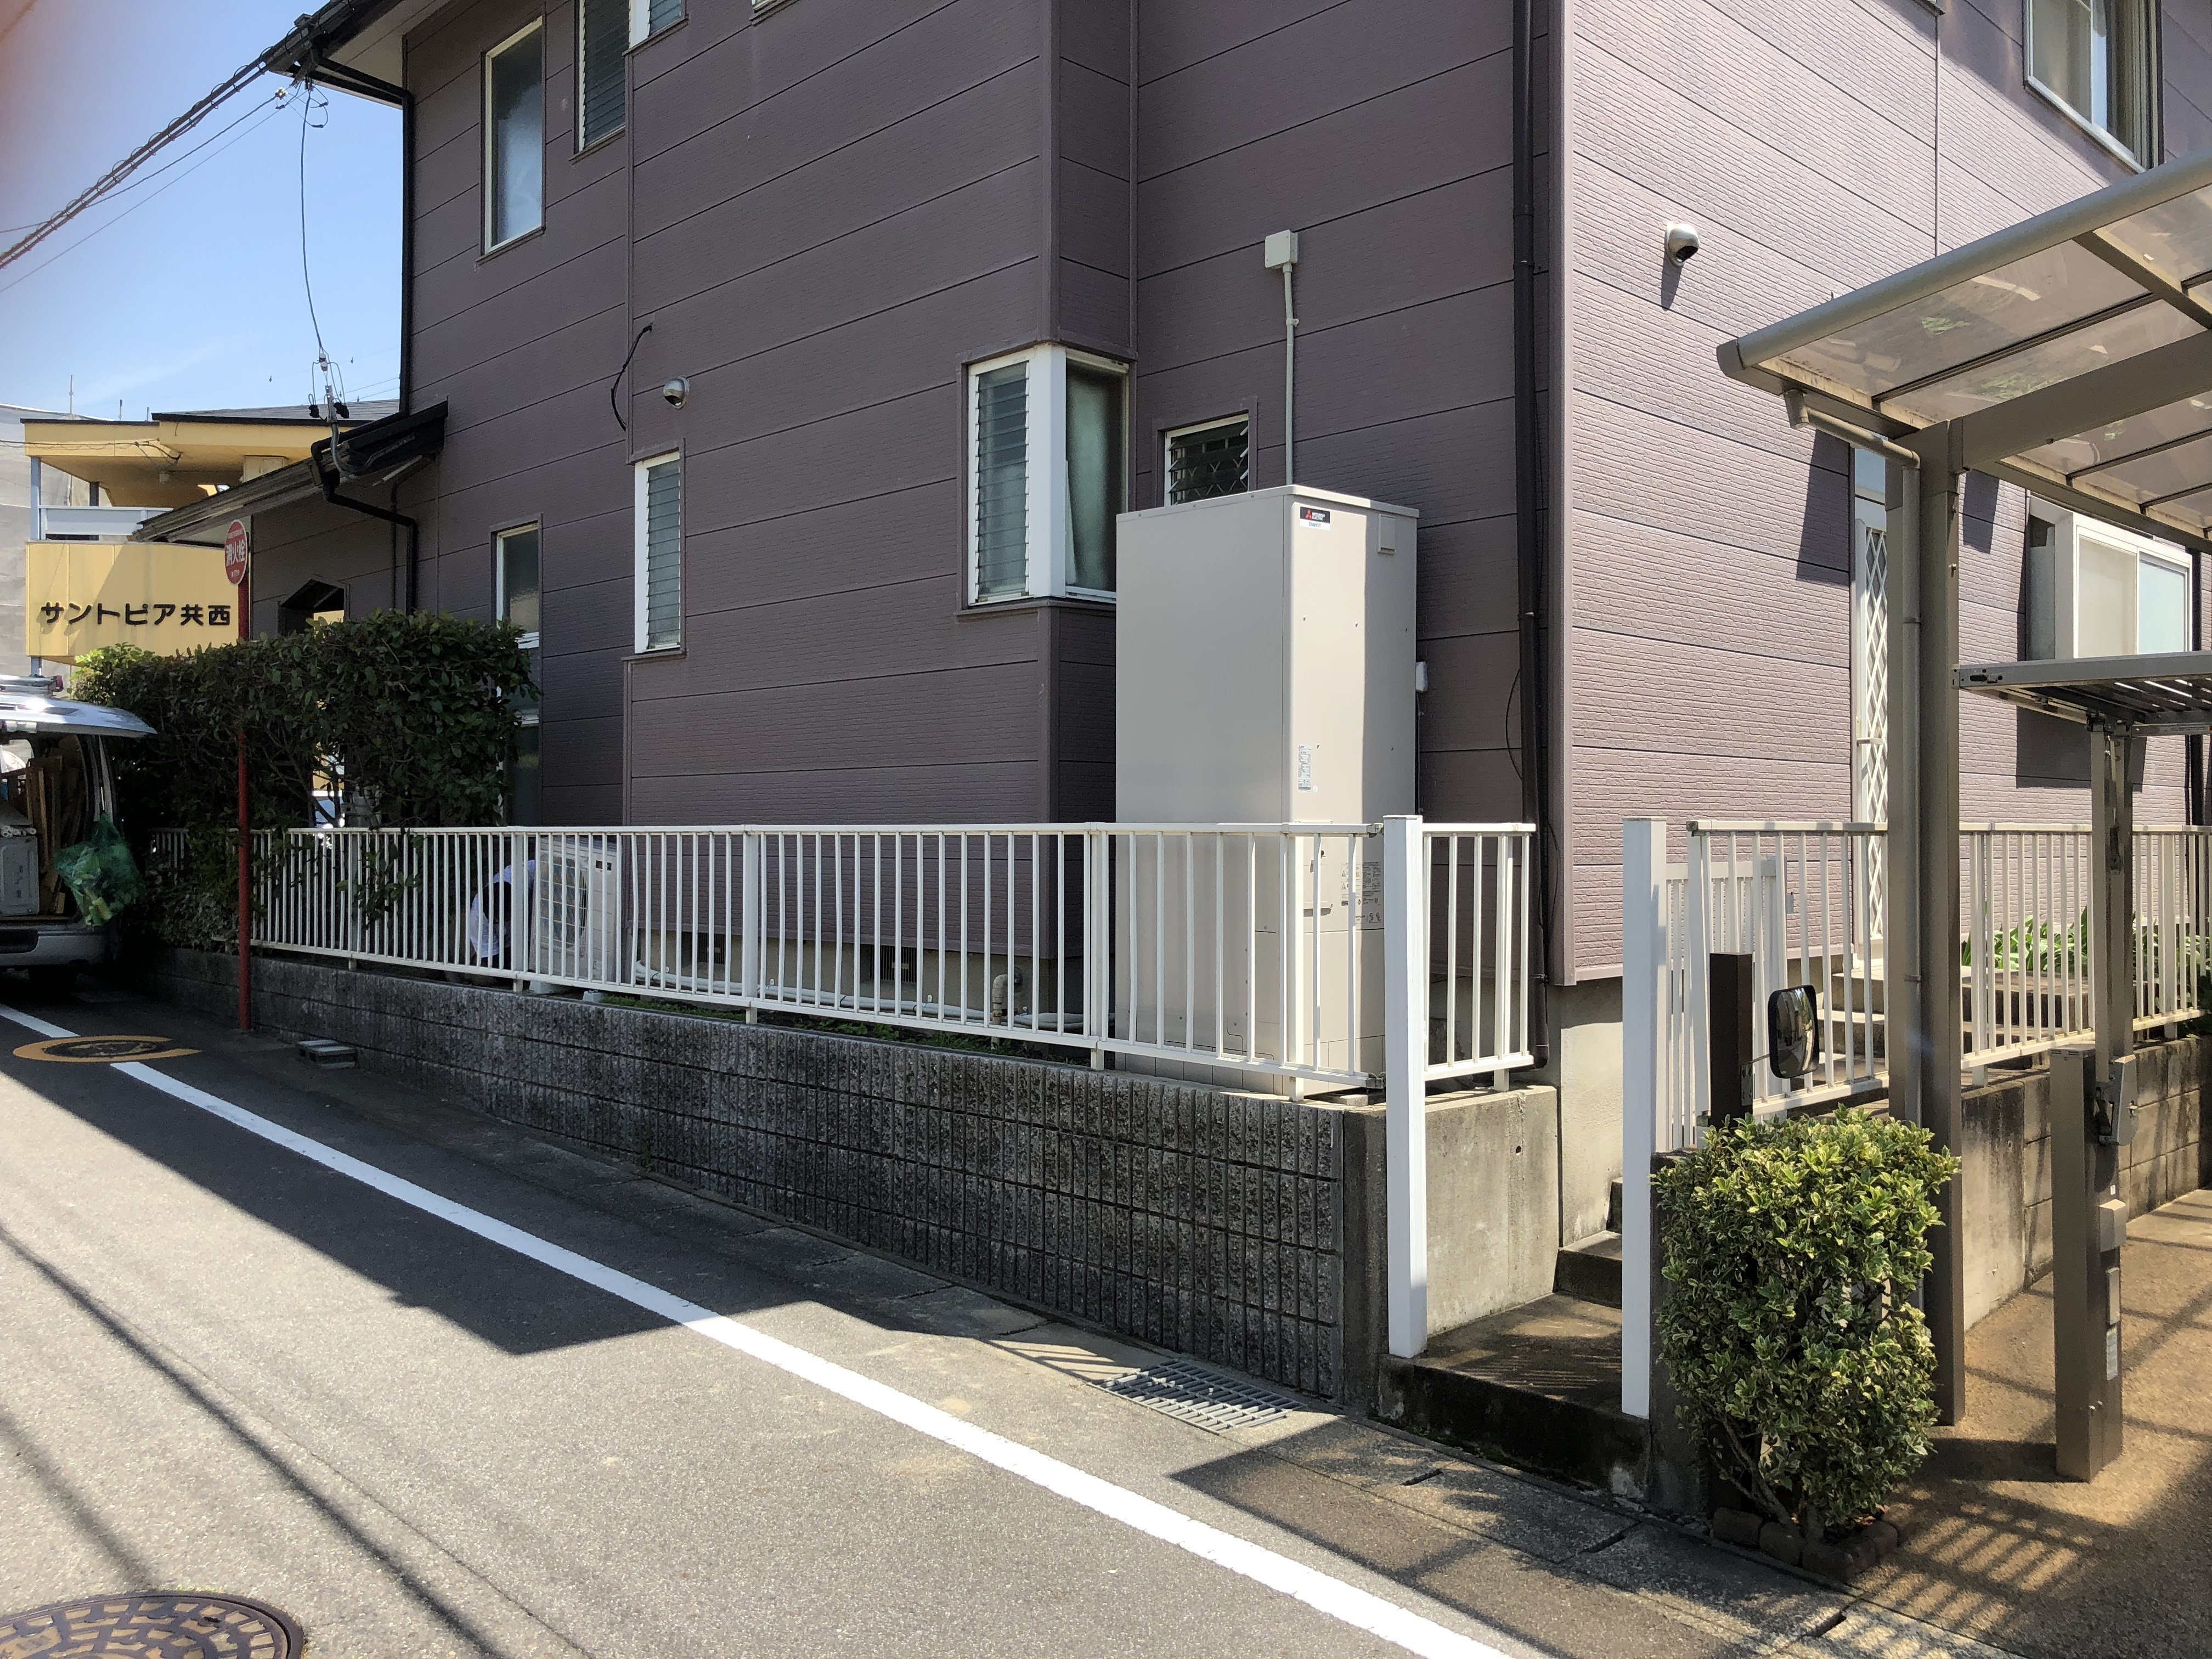 大阪府三菱エコキュートSRT-S374UA施工後の写真